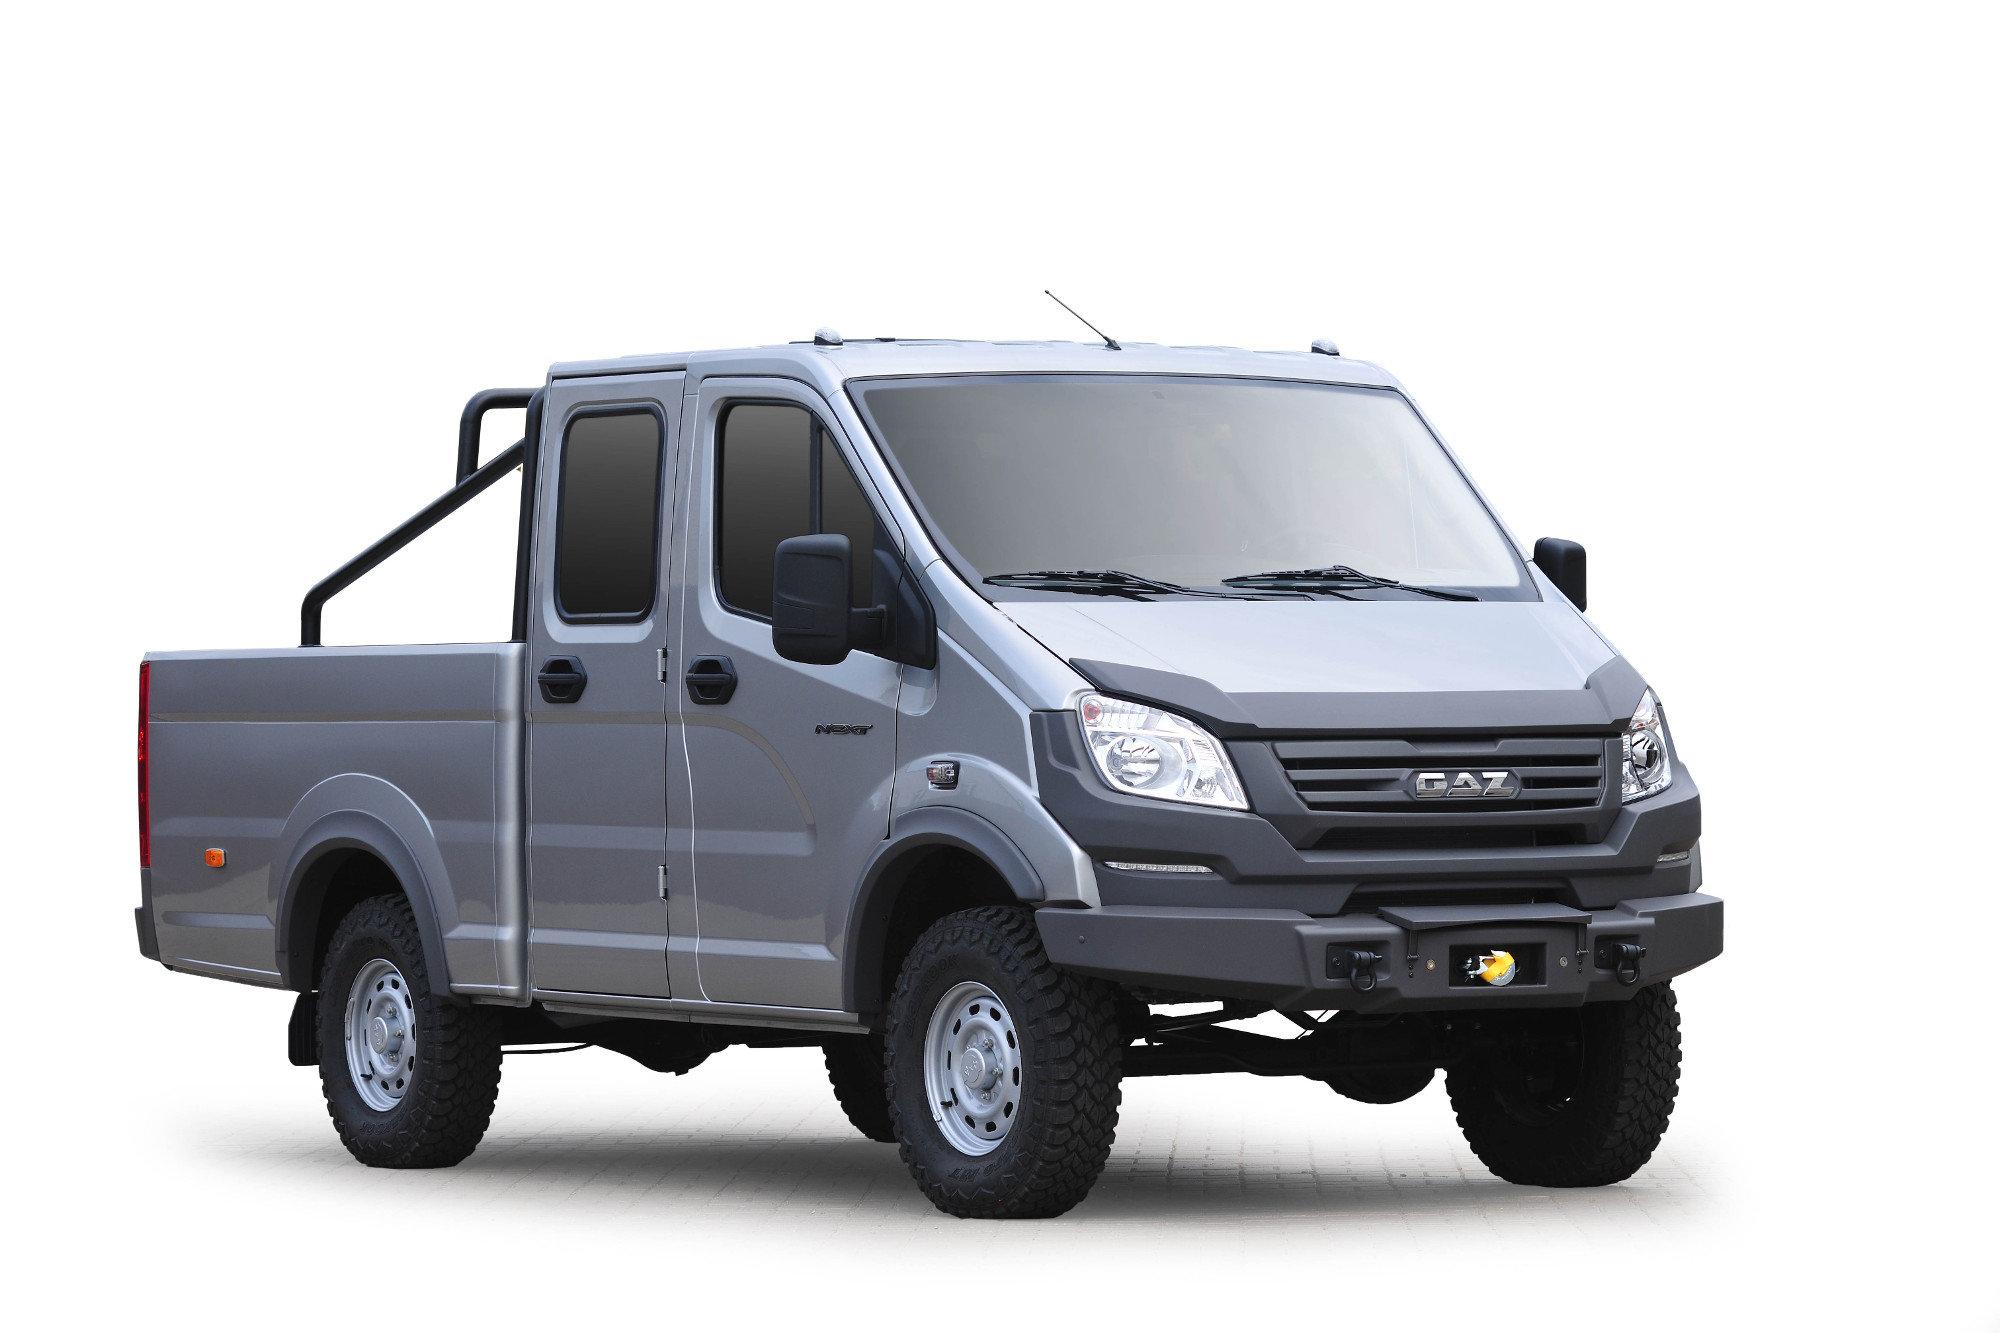 ГАЗ представил прототипы новых «Соболей» 4x4, которые могут занять нишу «Буханки»